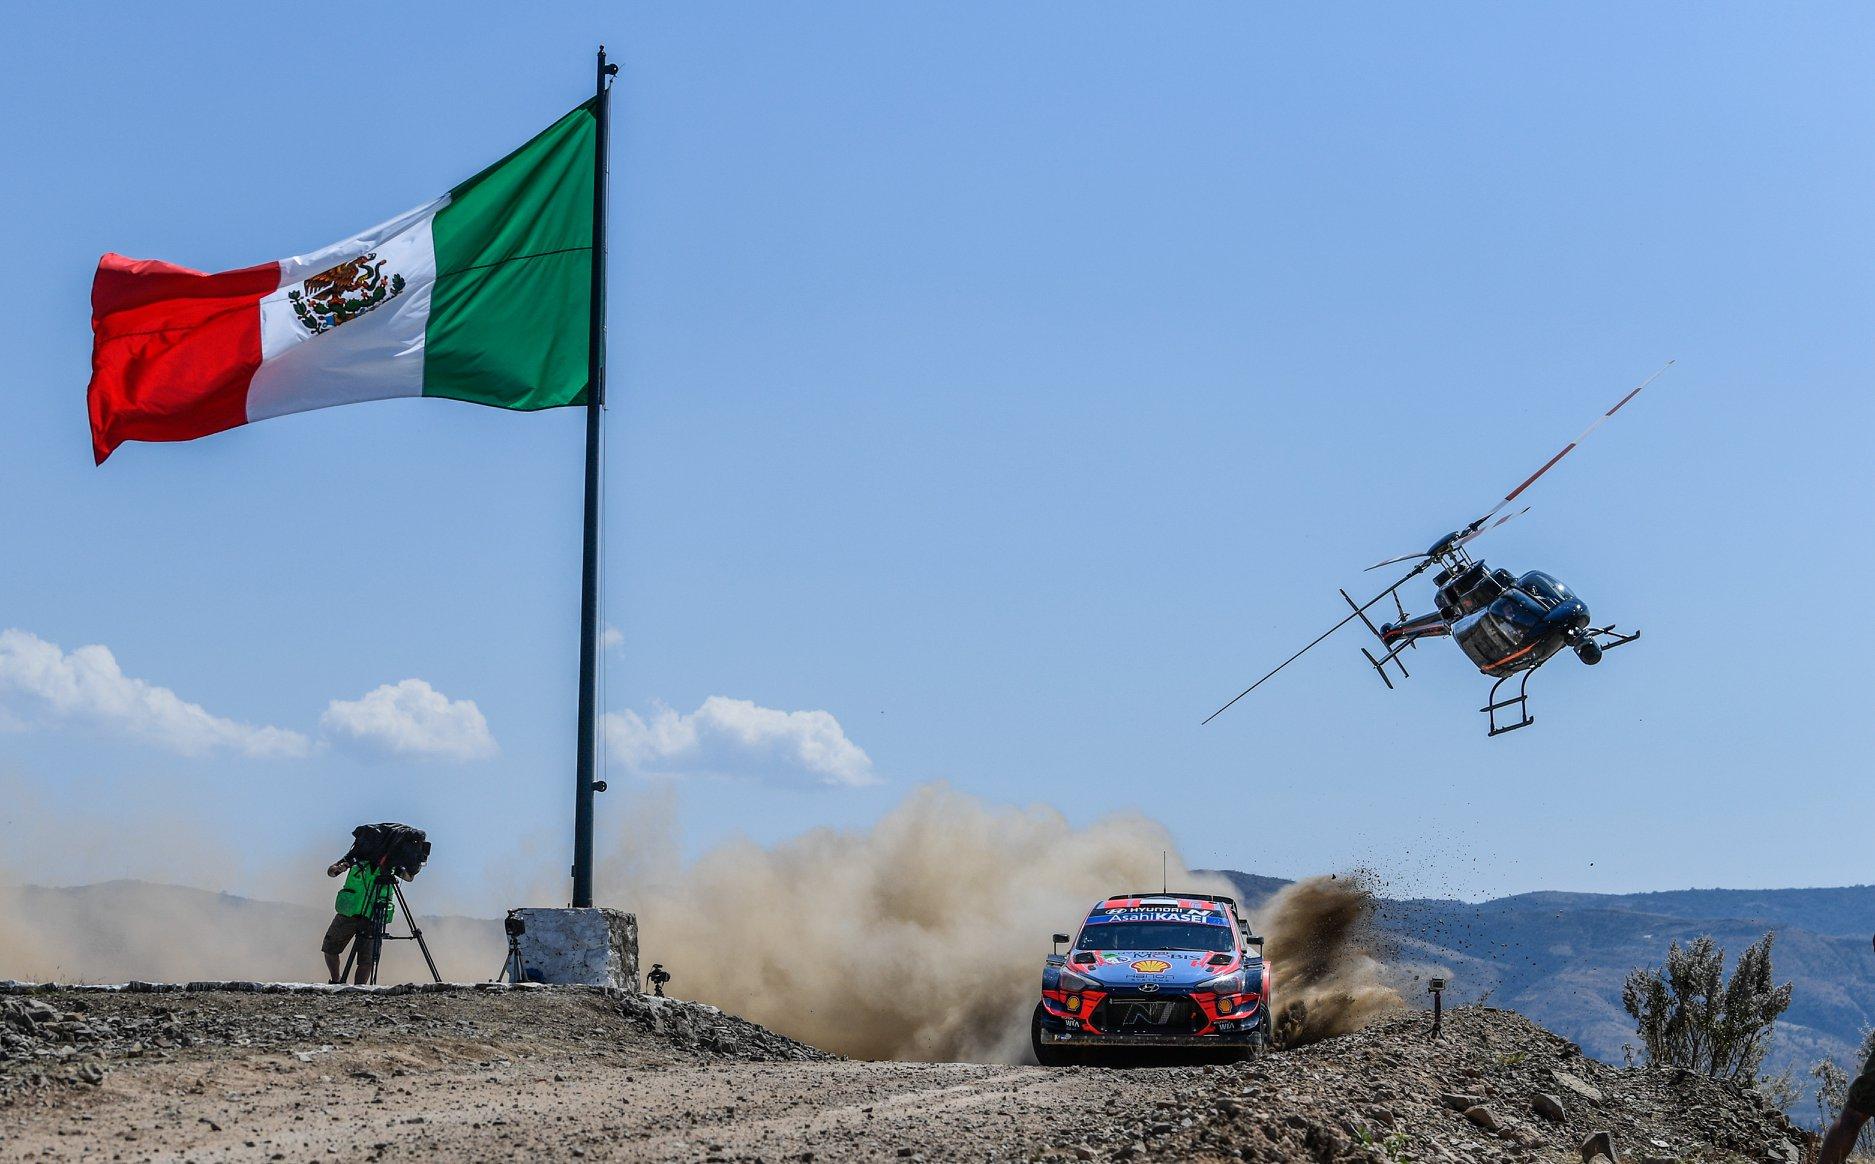 El Rally México no formará parte del calendario 2021 del WRC